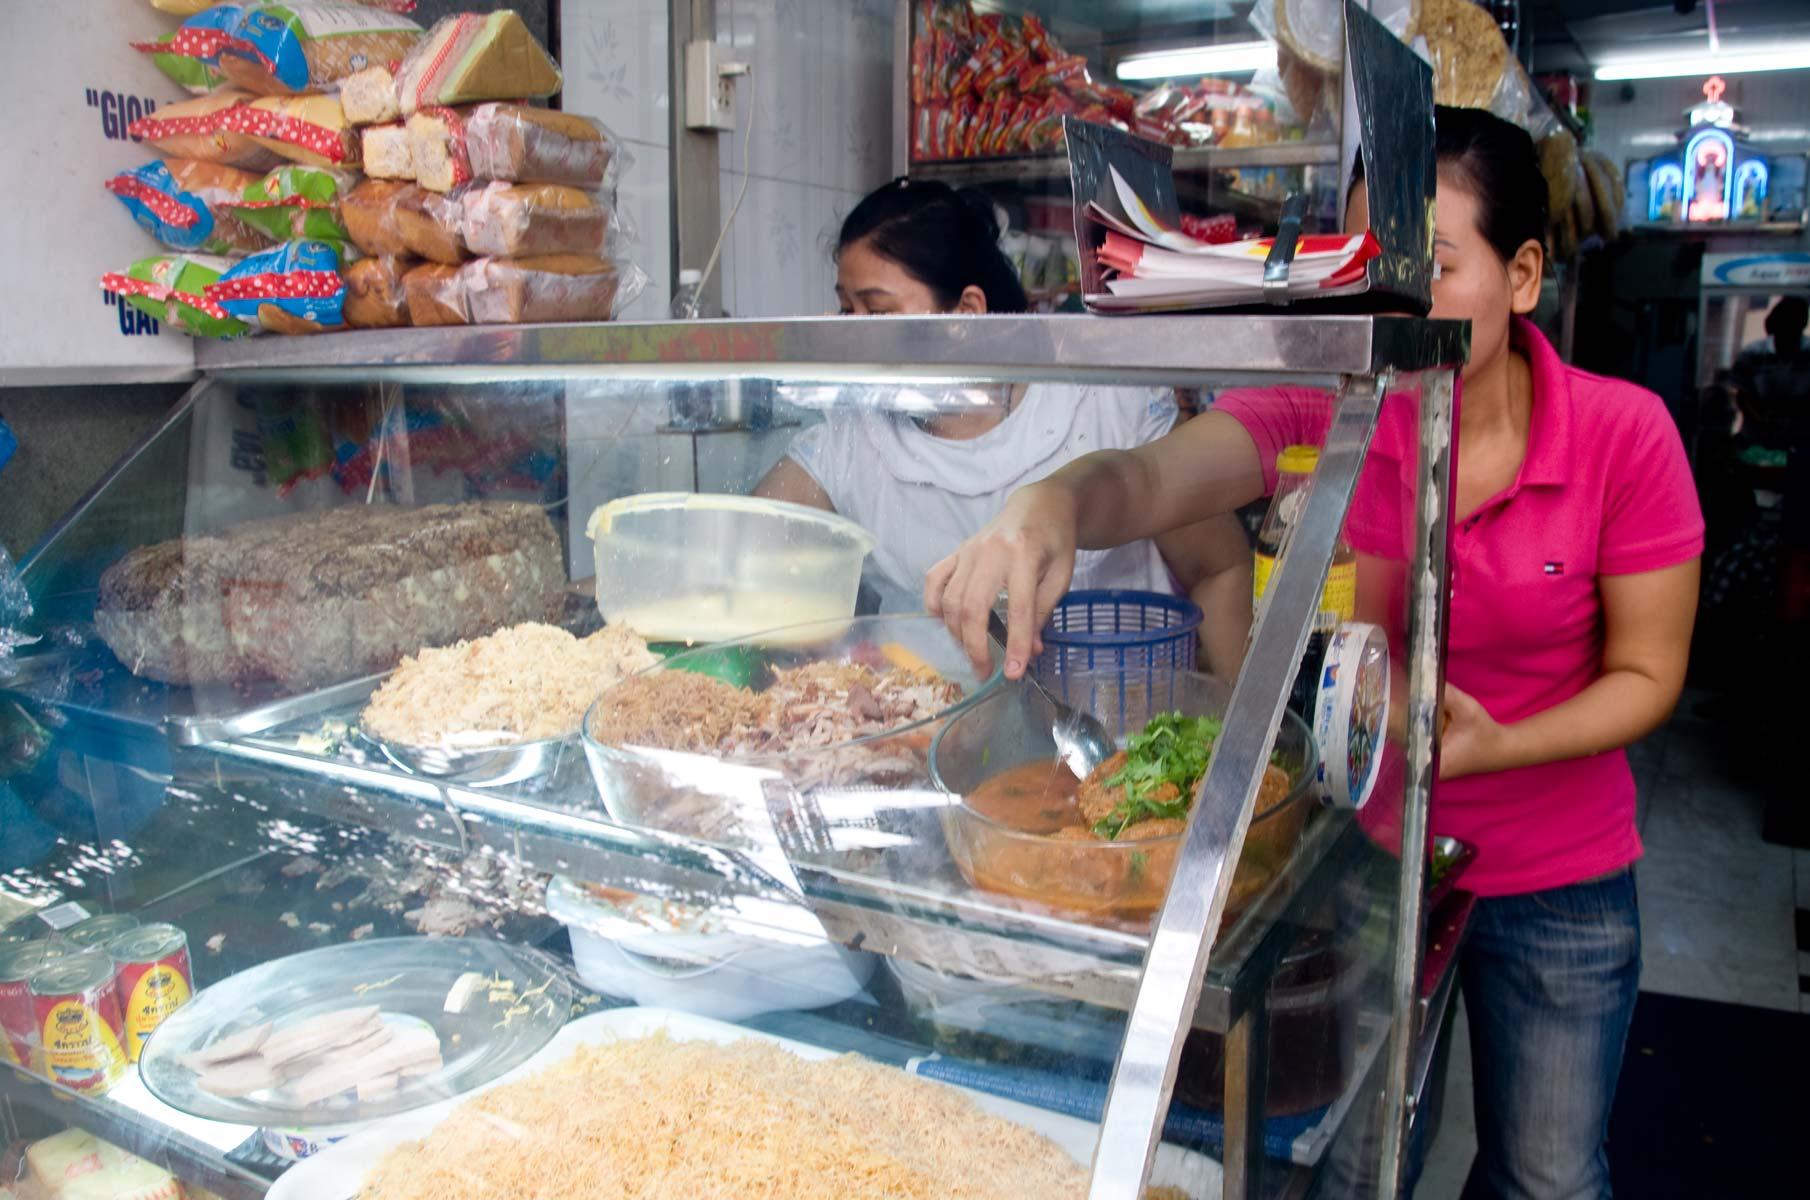 Französisches Baguette in Saigon (Ho-Chi-Minh Stadt), Vietnam